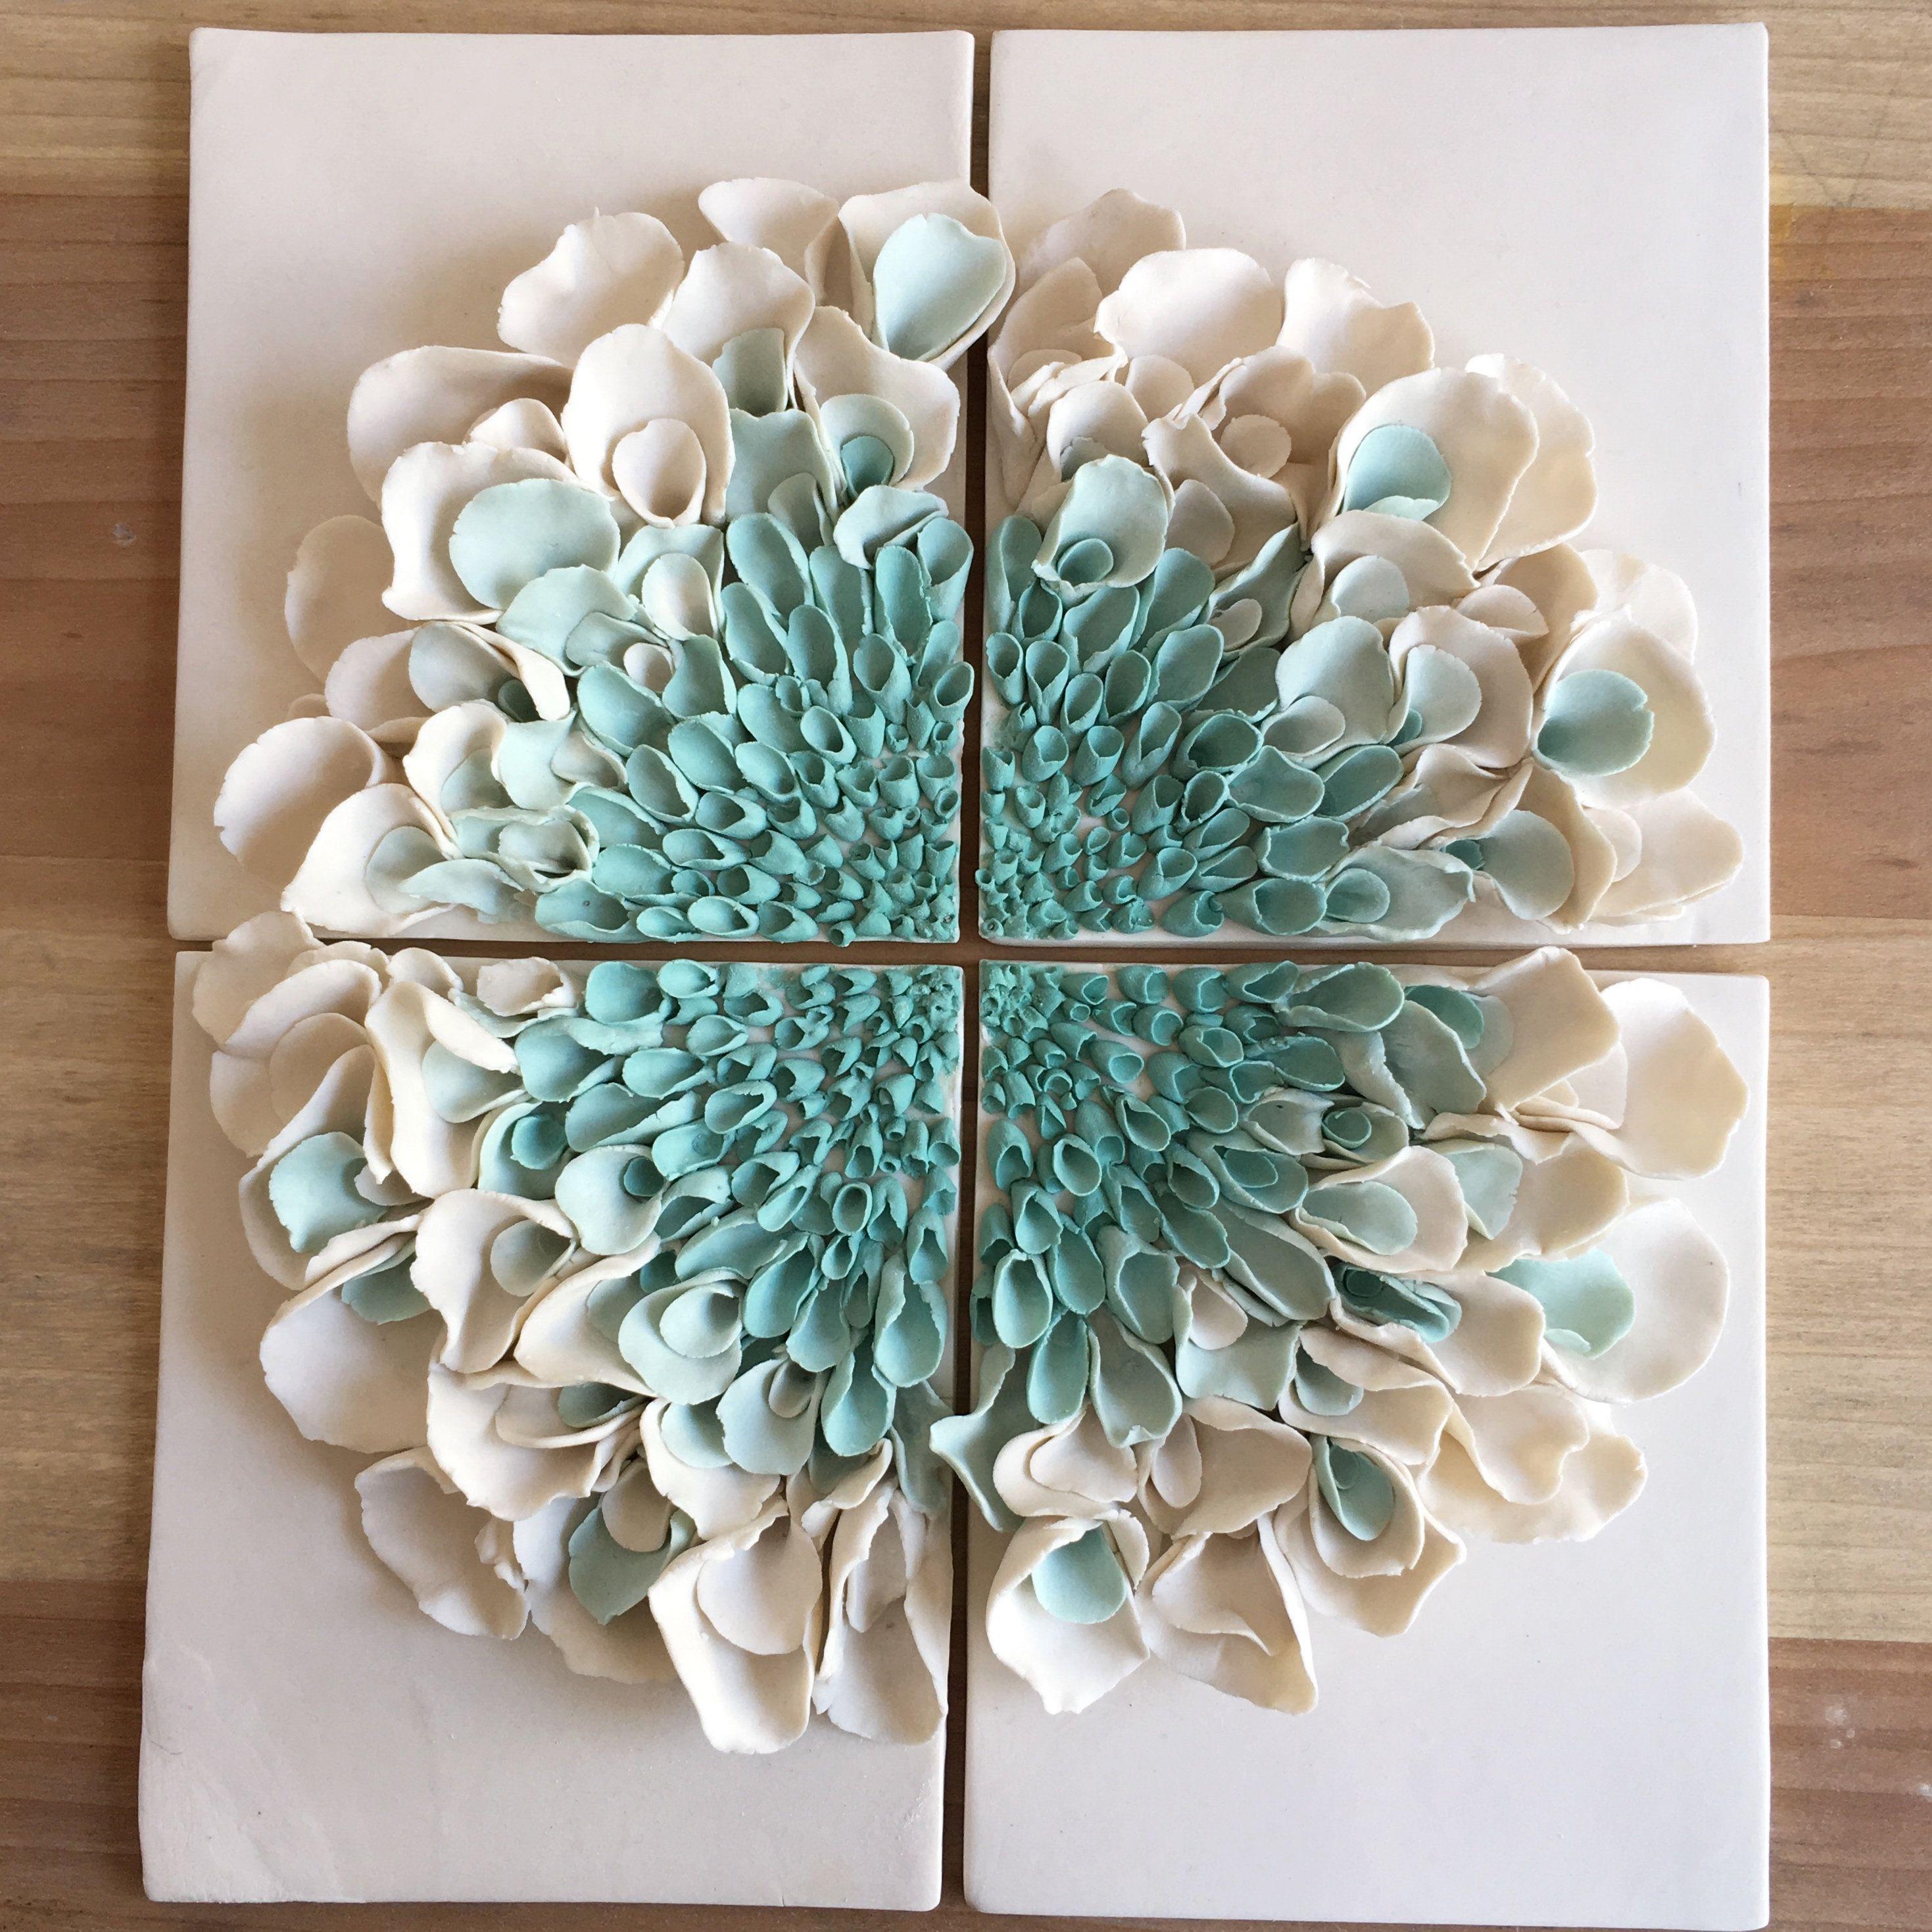 Ceramic Flower Wall Decor , Porcelain Blossom Tile, White